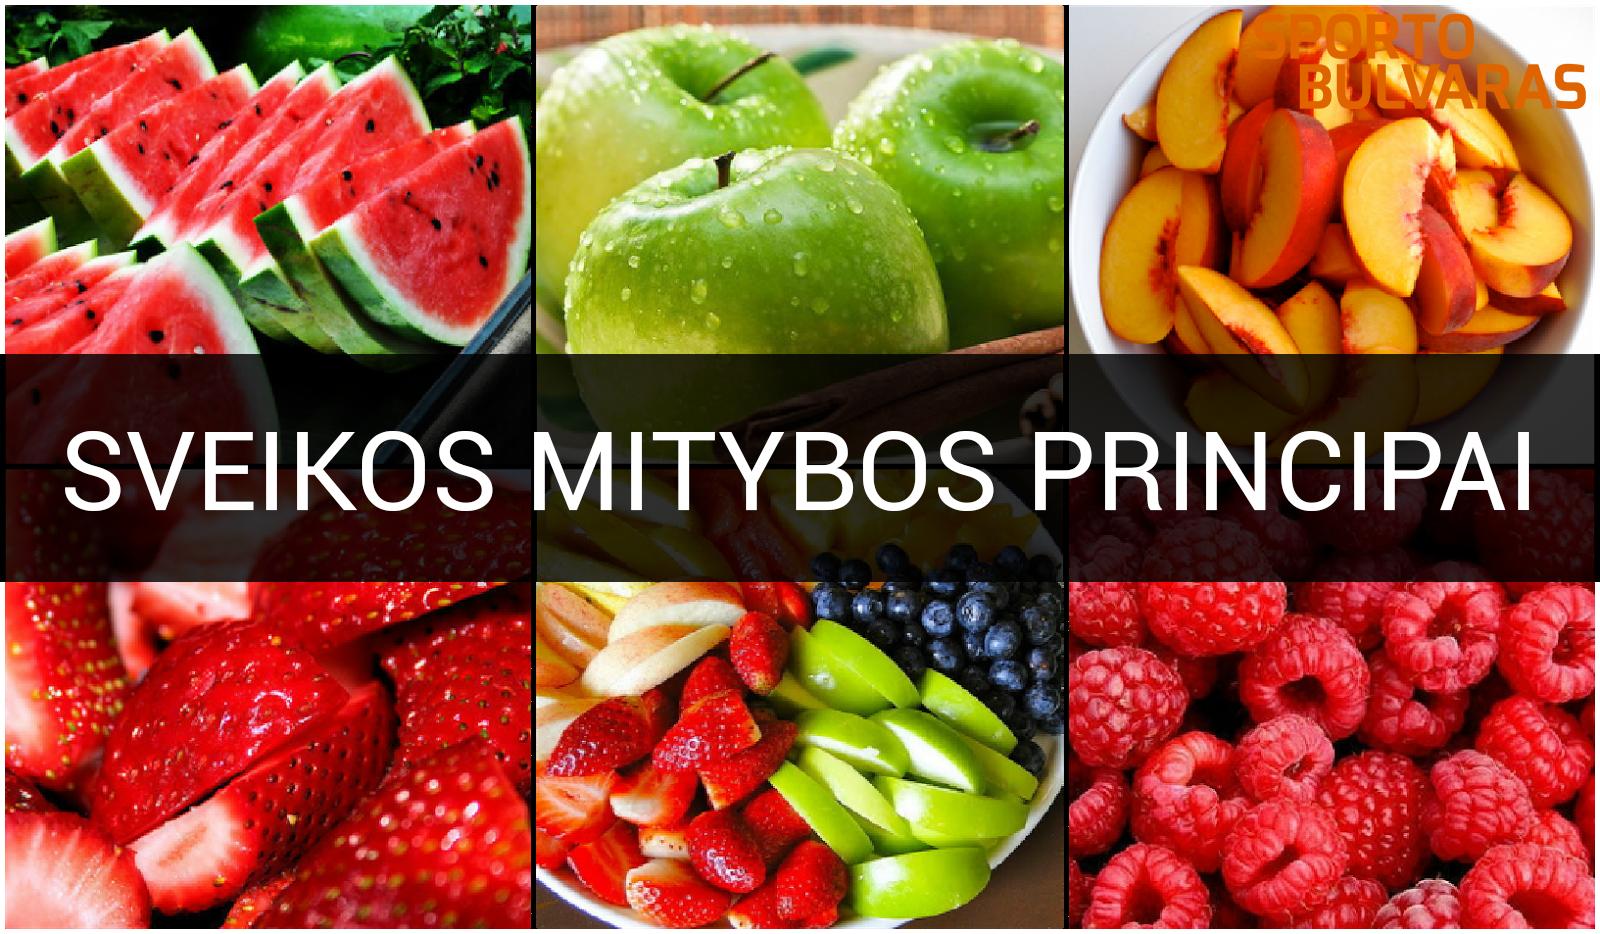 Sveikos mitybos principai